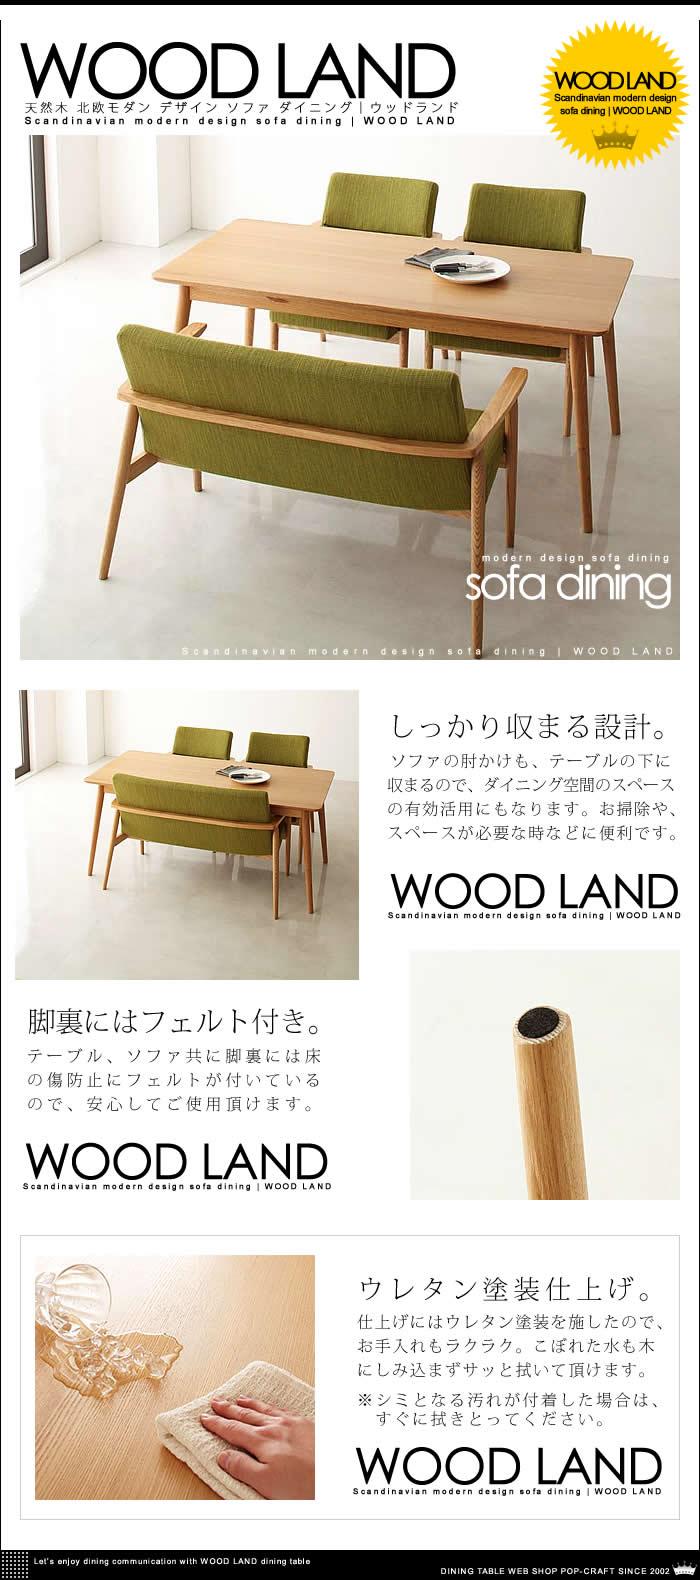 天然木 北欧モダン デザイン ソファ ダイニング【WOOD LAND】ウッドランド(9)